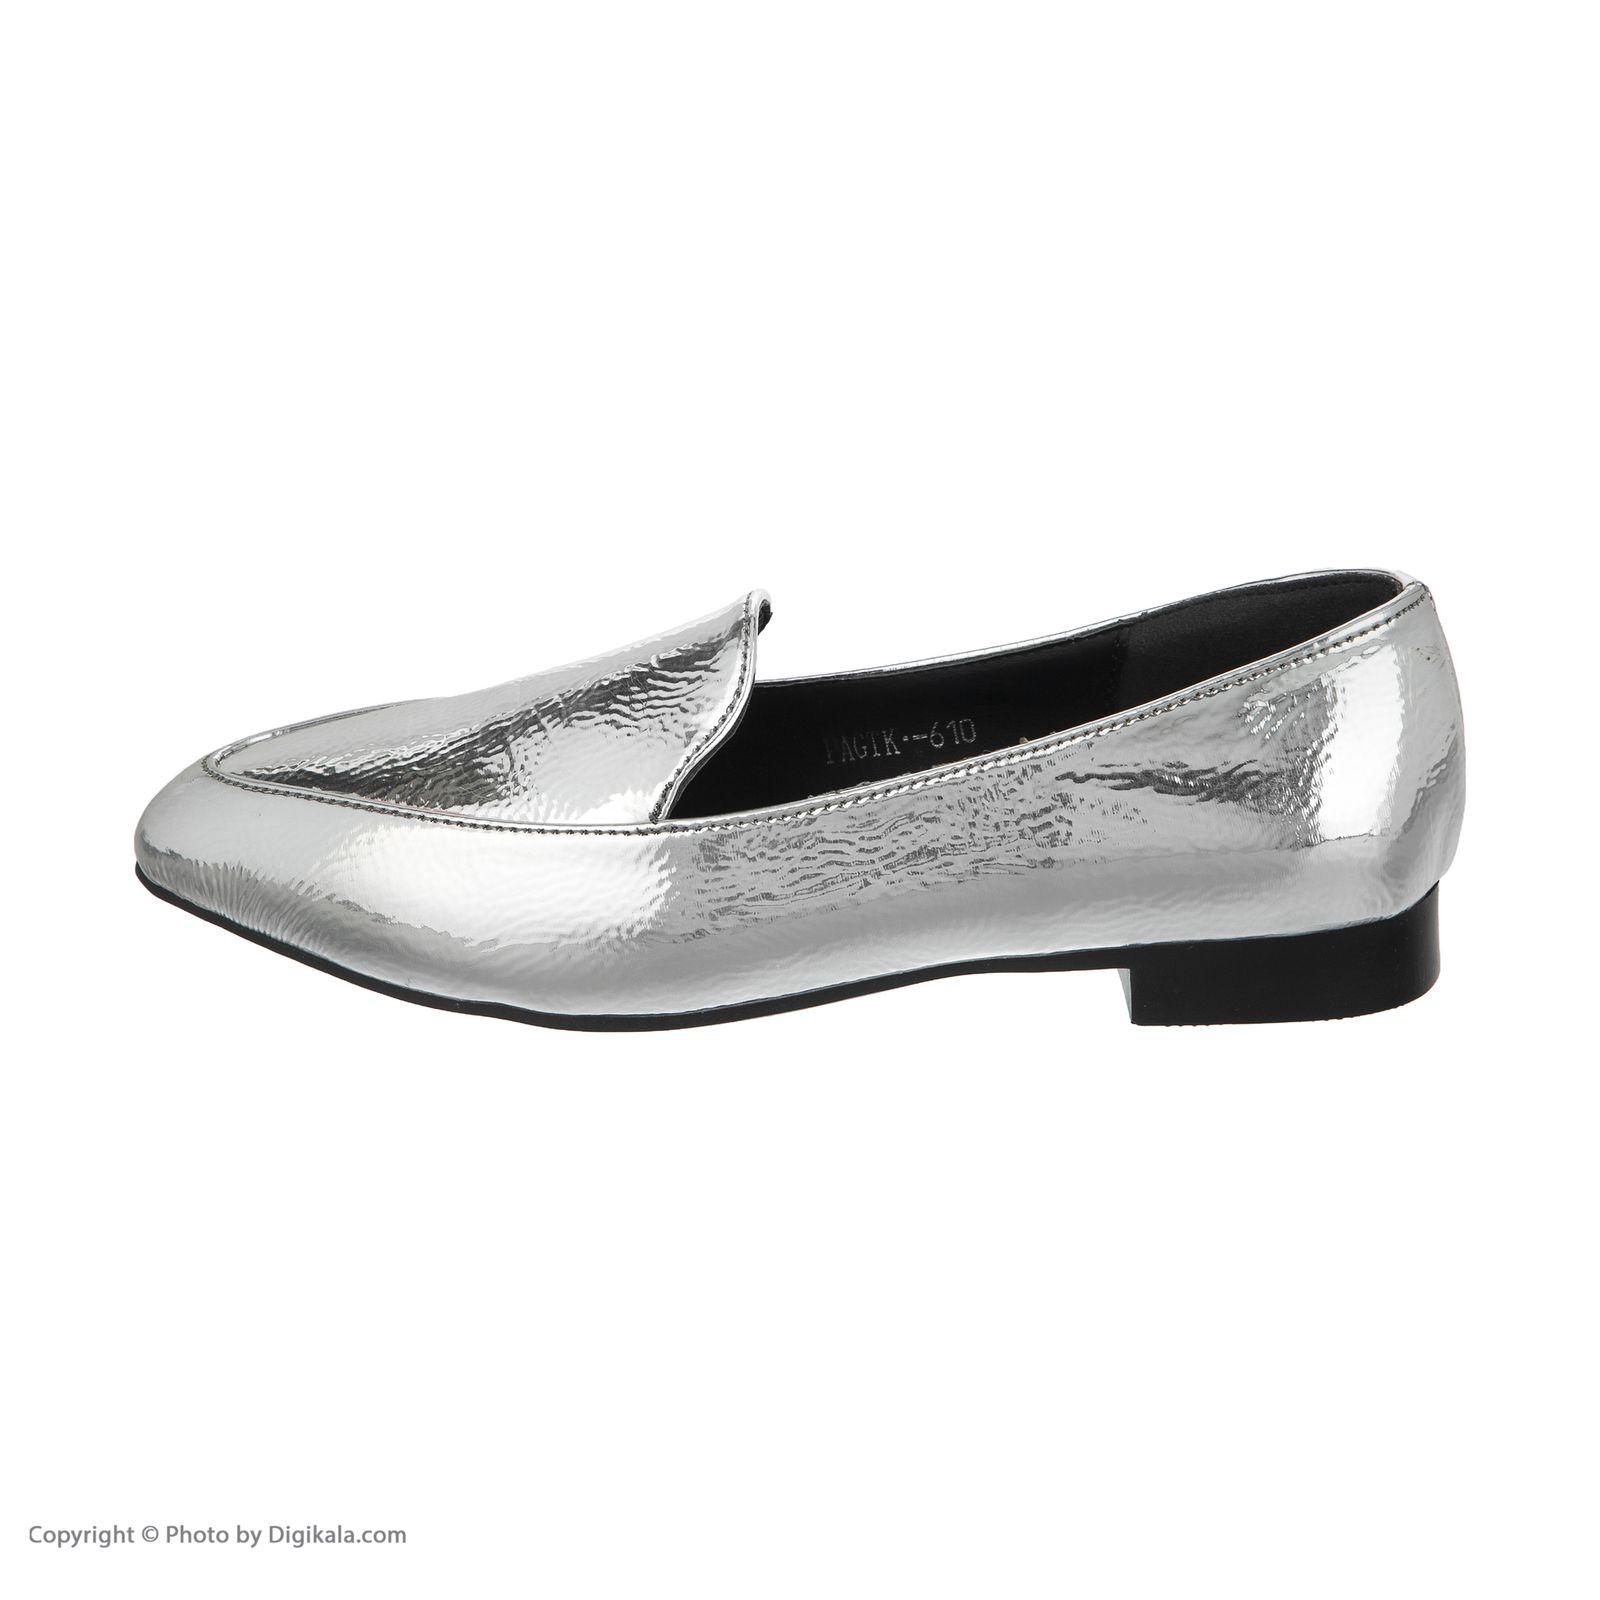 کفش زنانه زبرا مدل 6104 -  - 1